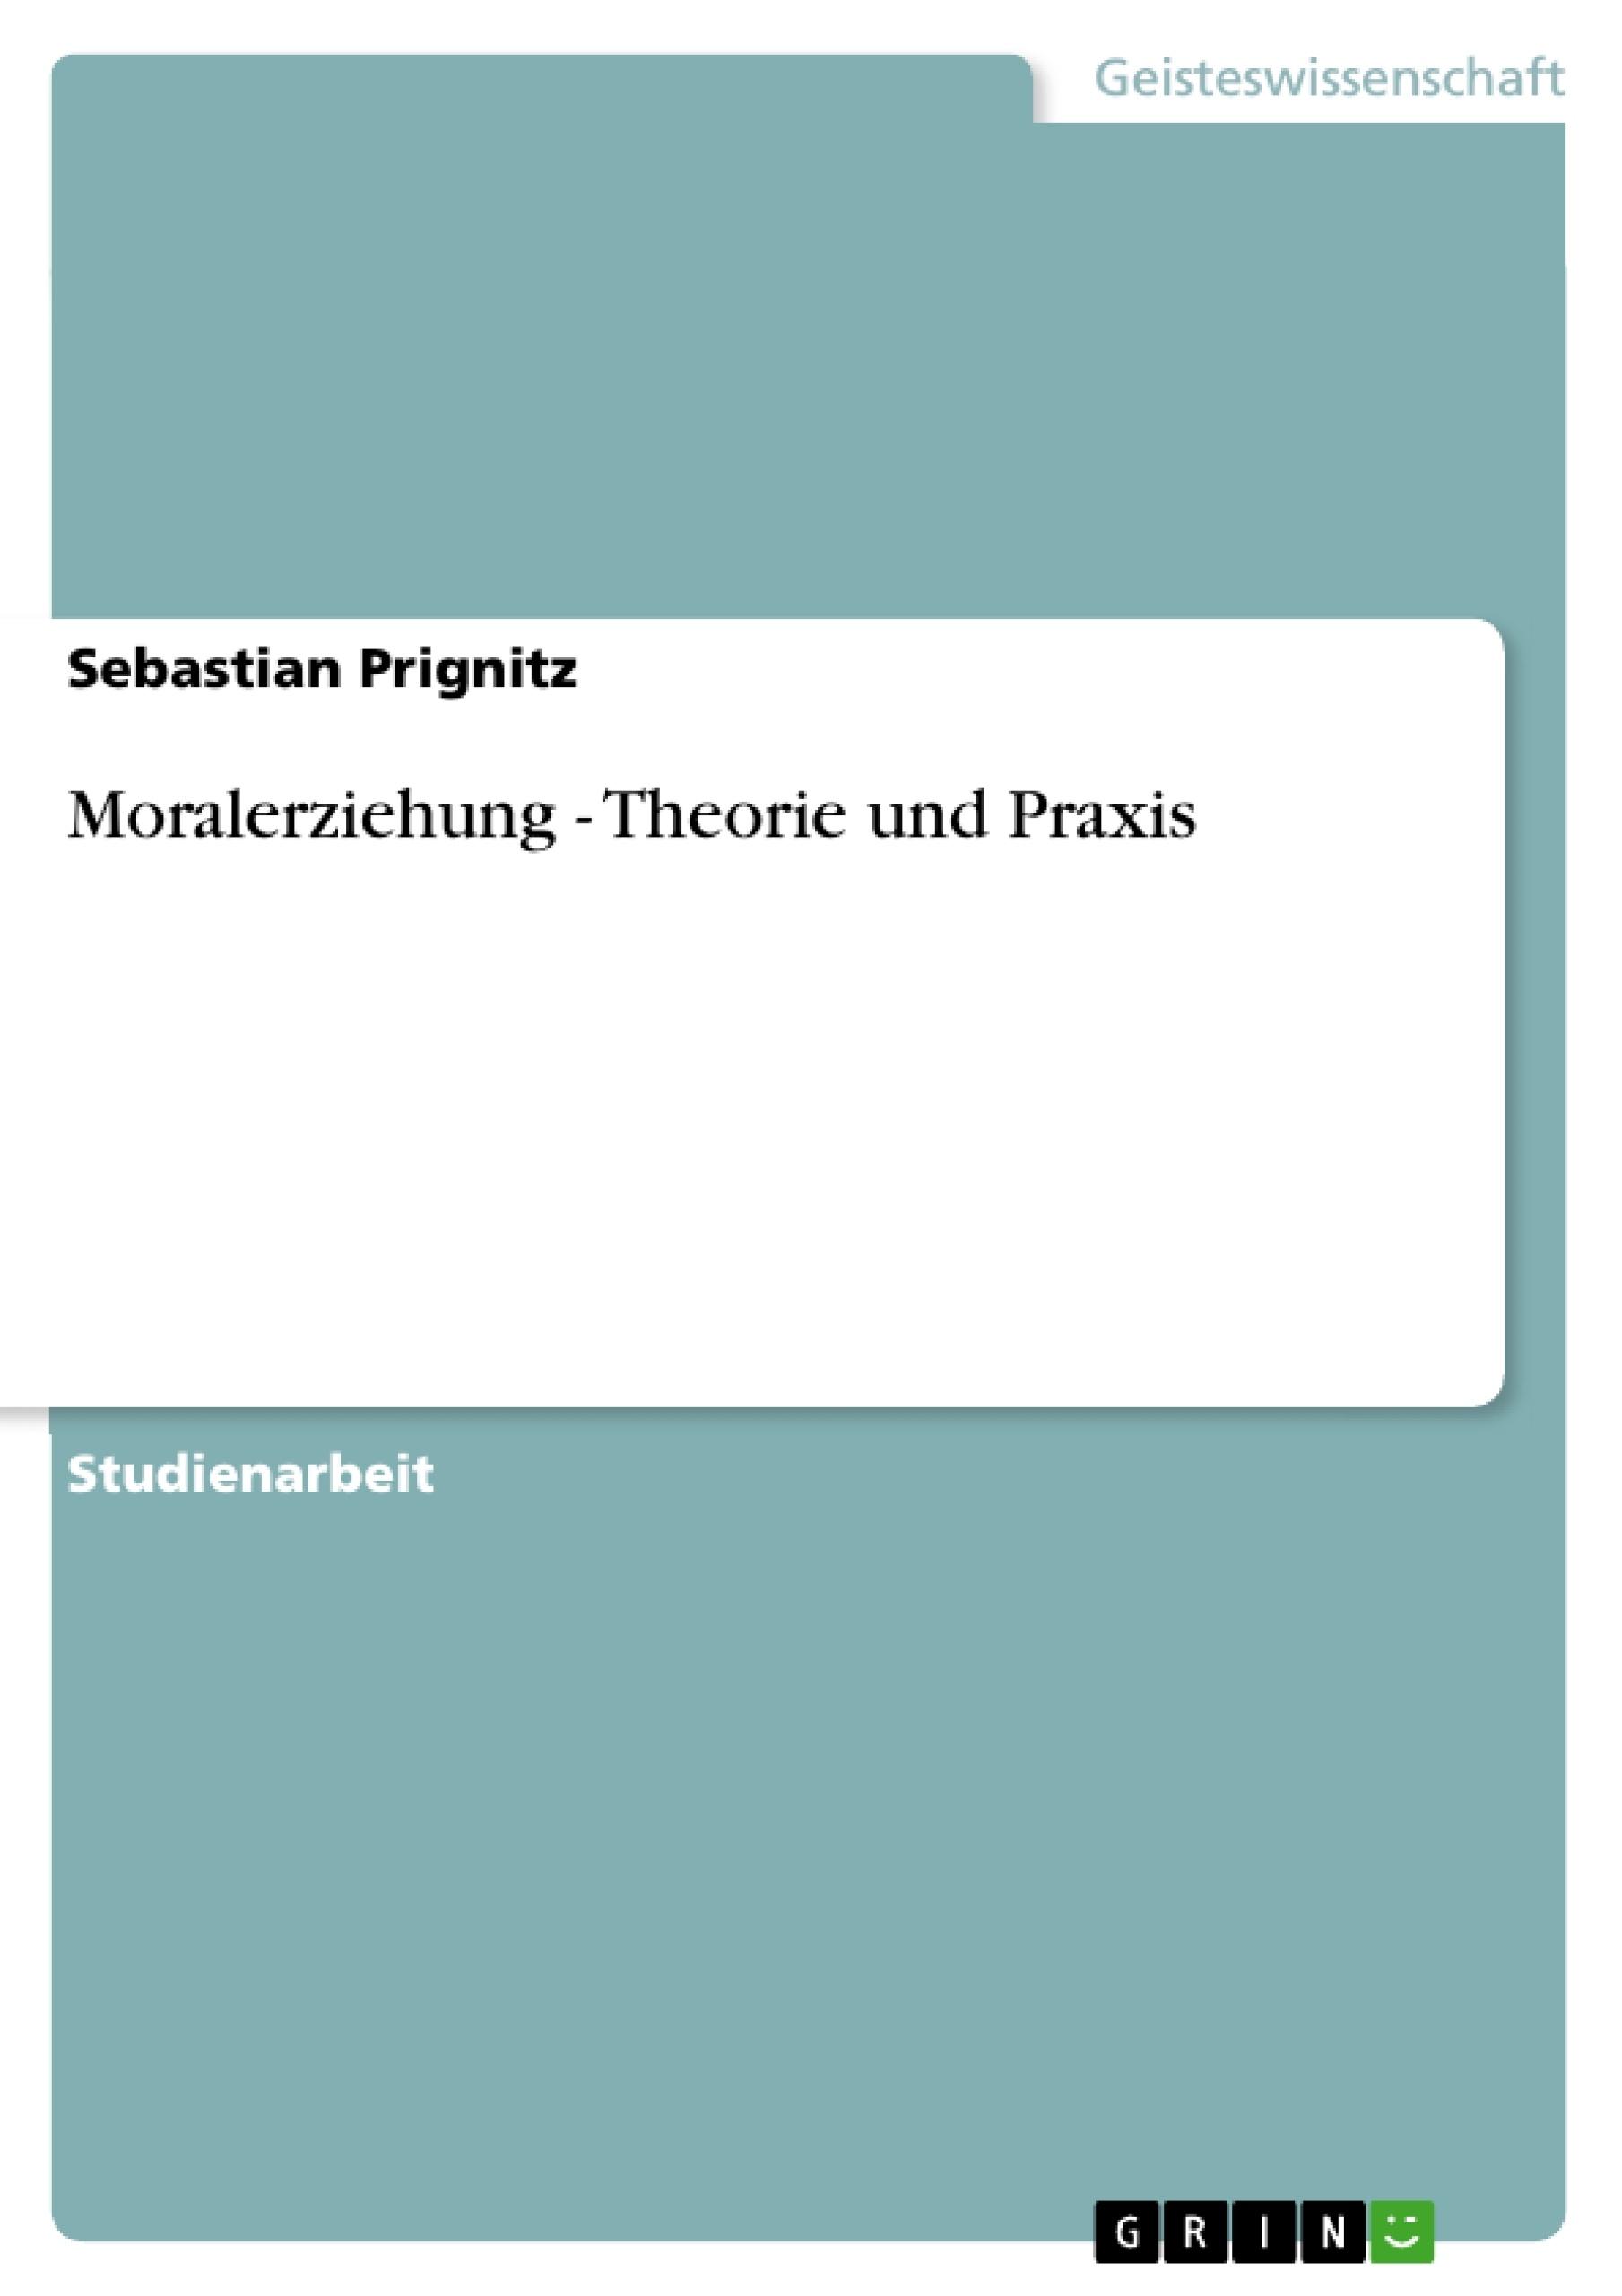 Titel: Moralerziehung - Theorie und Praxis